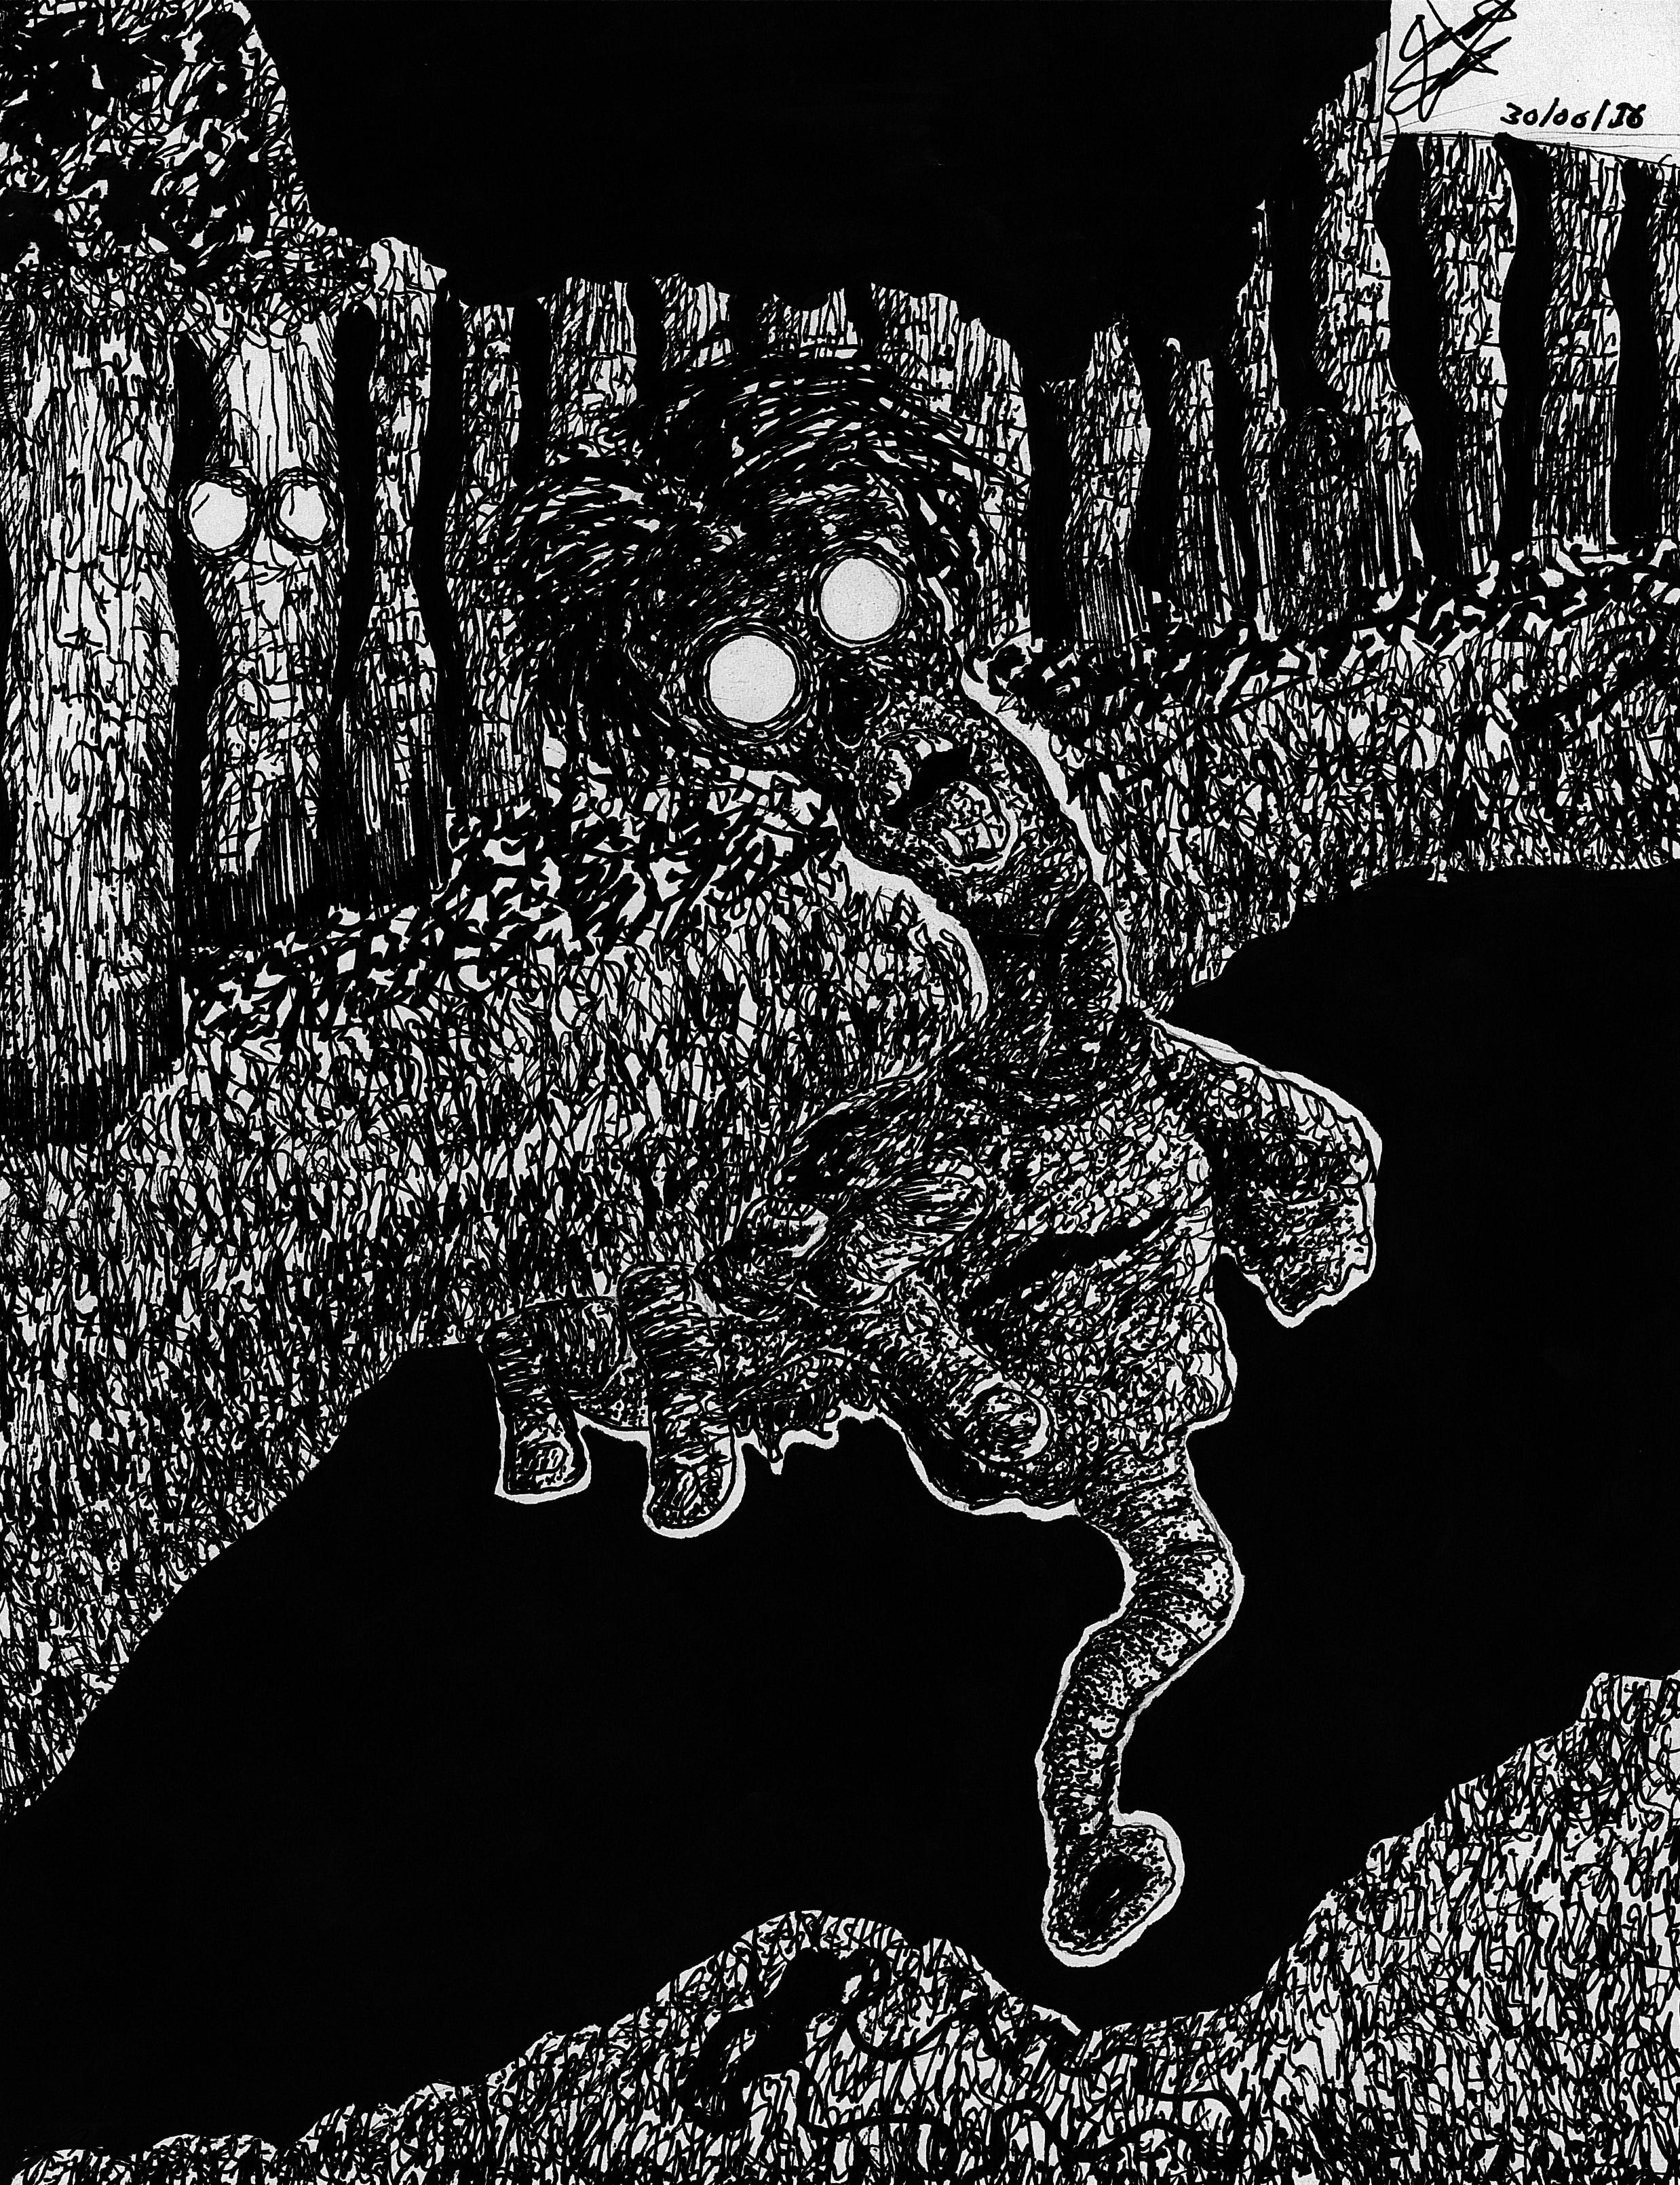 Intestinal zombie